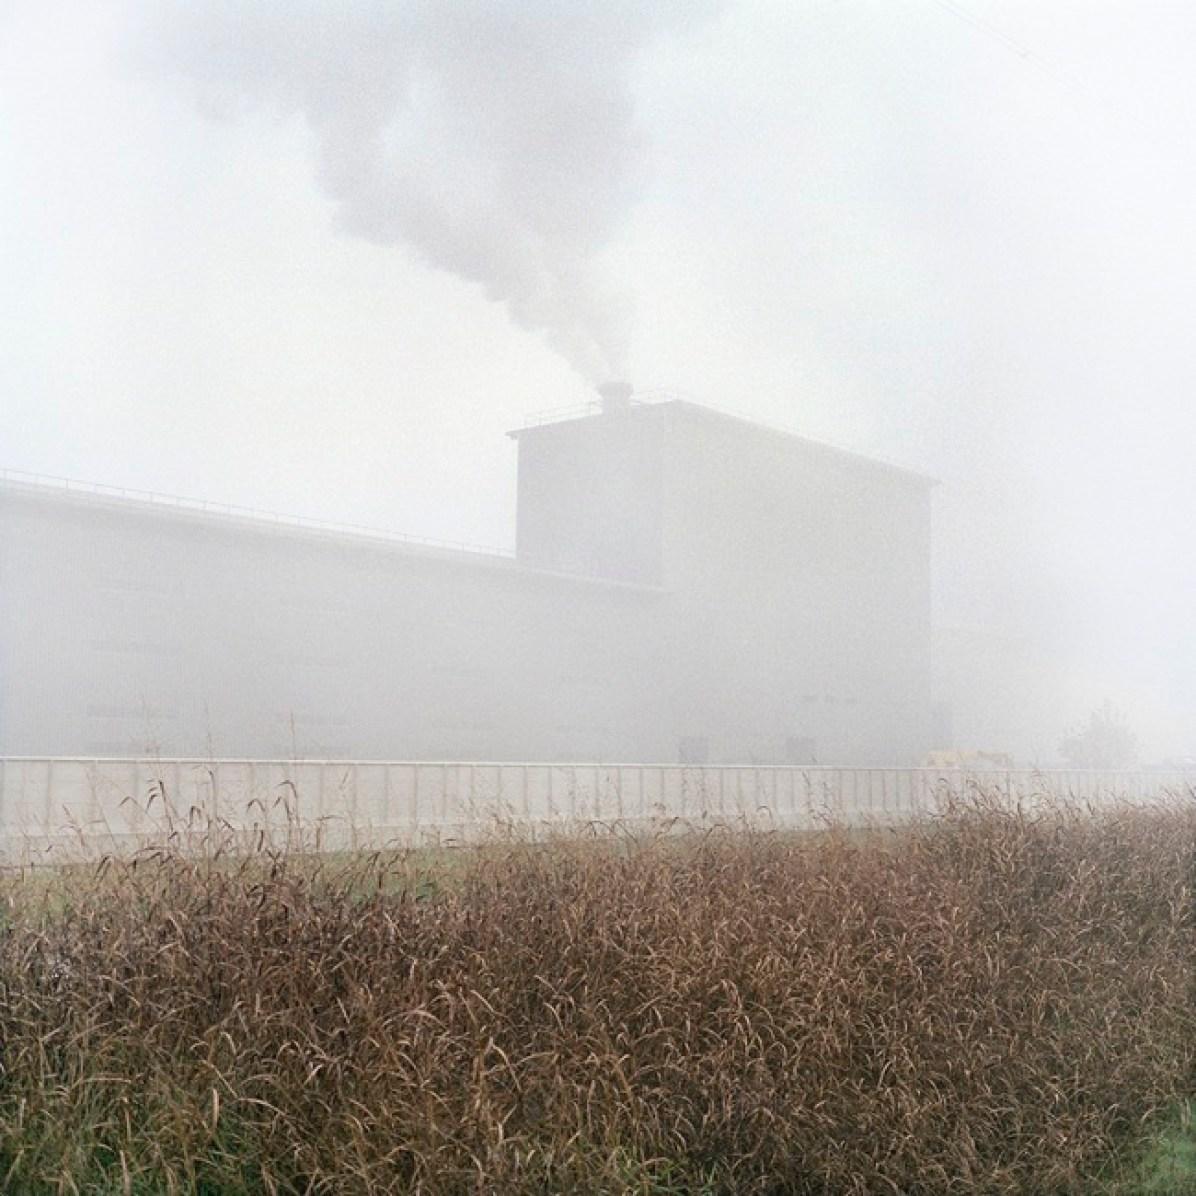 Quattro, TerraProject Photographers, Cremona, novembre 2010. La nuova zincheria di Arvedi. La societ?? siderurgica ?? tra i principali responsabili dell???inquinamento atmosferico della città